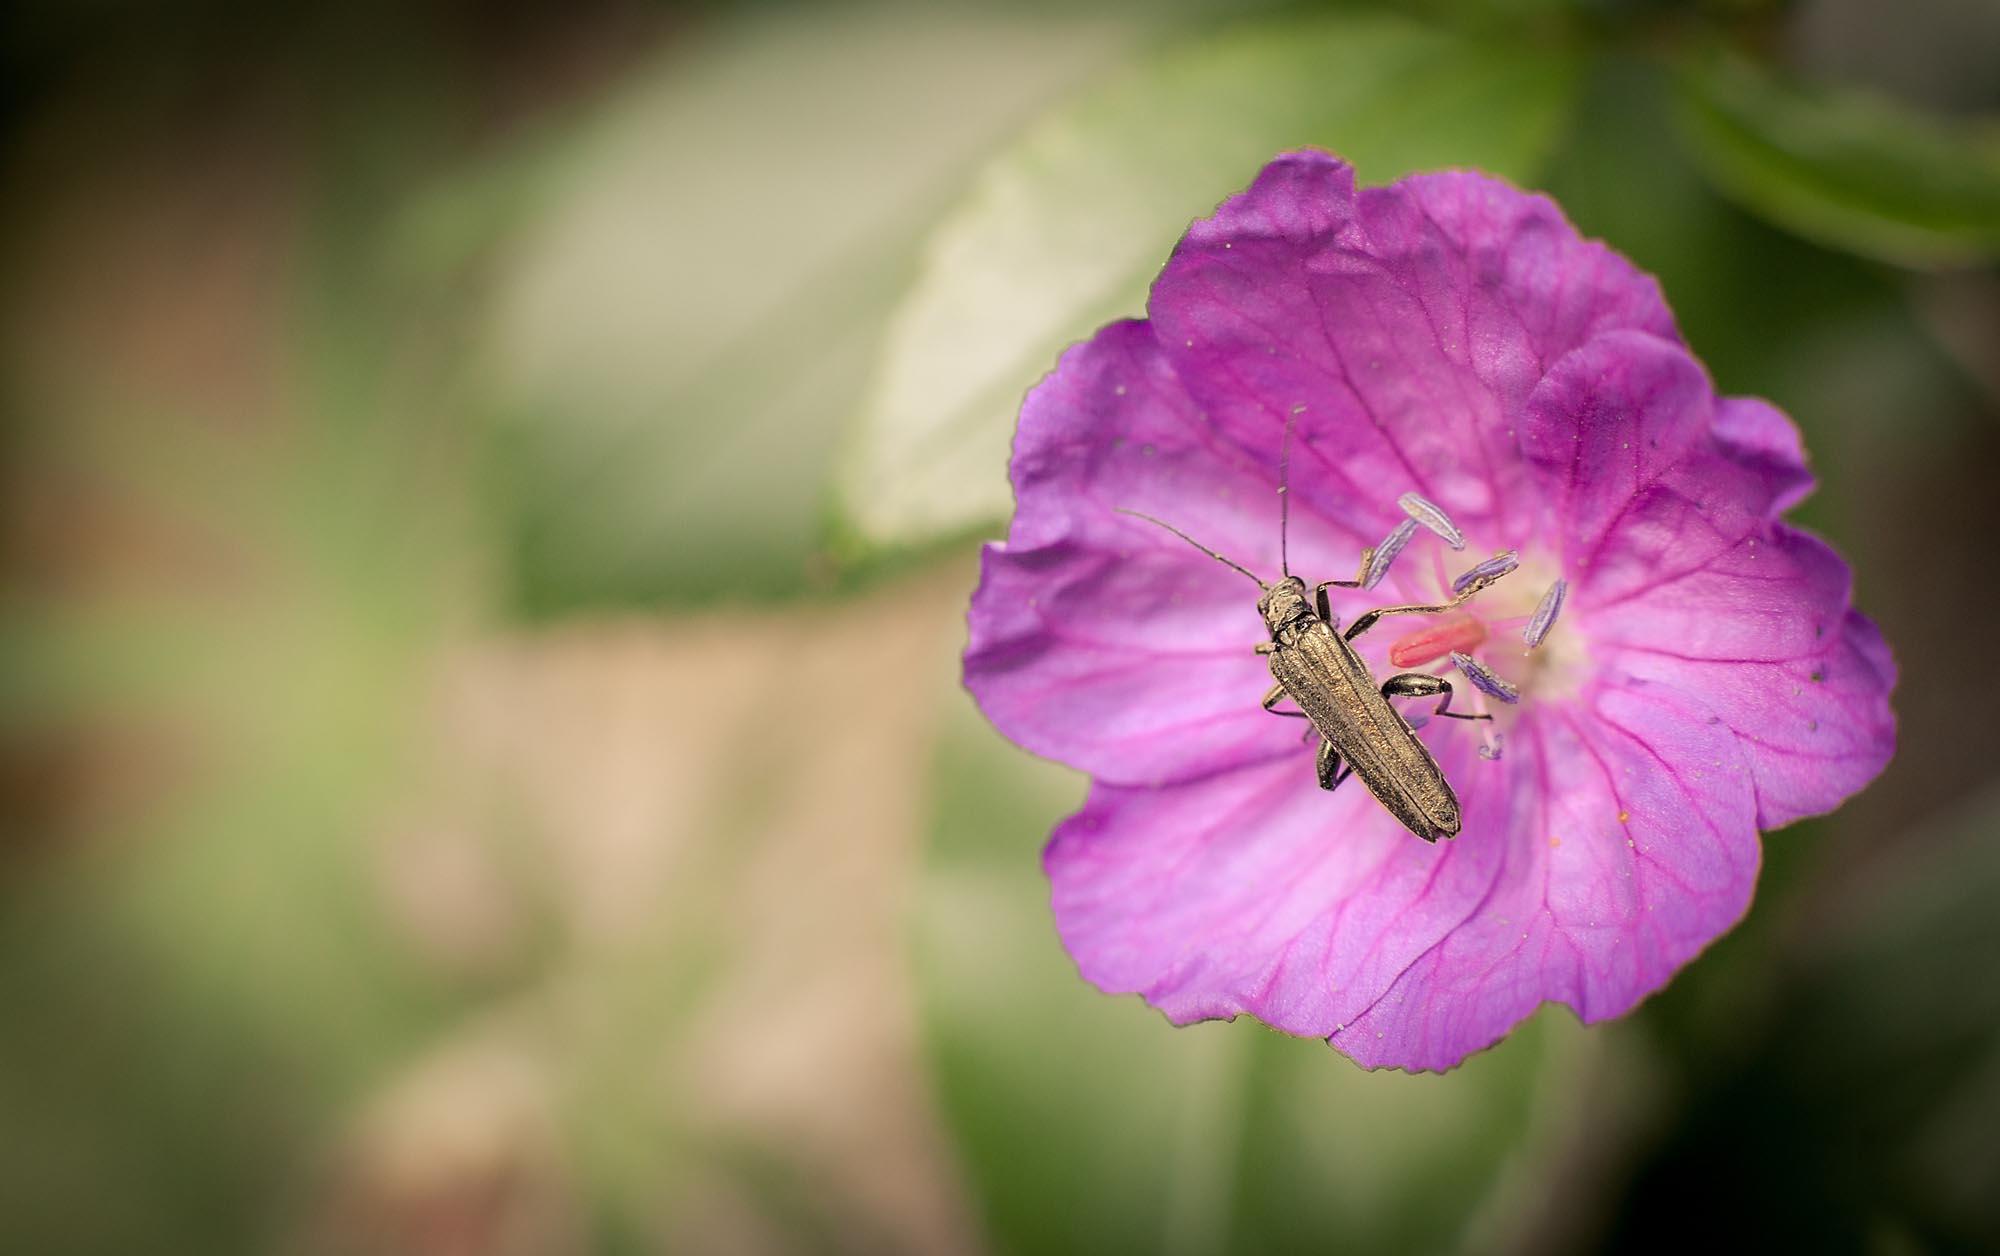 """Ein Käfer auf einer Blume, fotografiert mit einem 50mm-Objektiv mit Zwischenring. Mit dieser Brennweite muss man schon sehr nah an das Motiv heran - die Gefahr, dass es """"wegflattert"""" ist sehr groß. Hier hatte ich Glück."""